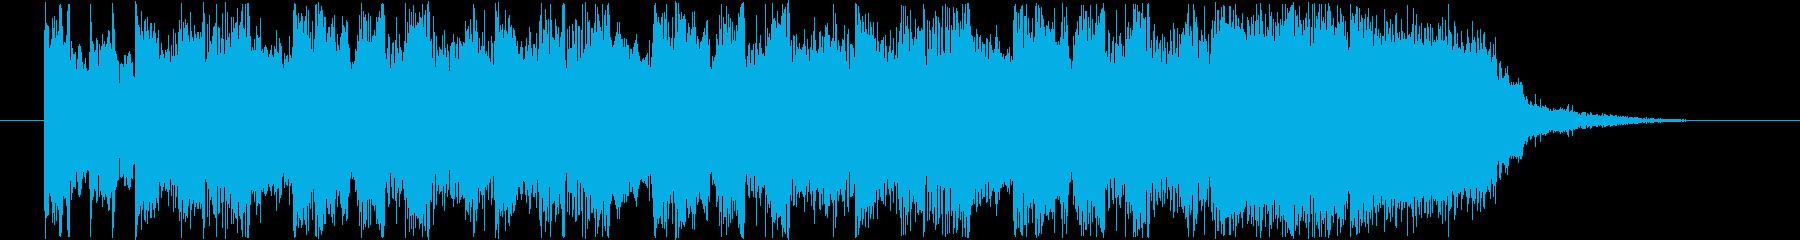 ギターとオルガンのインパクトのあるロックの再生済みの波形